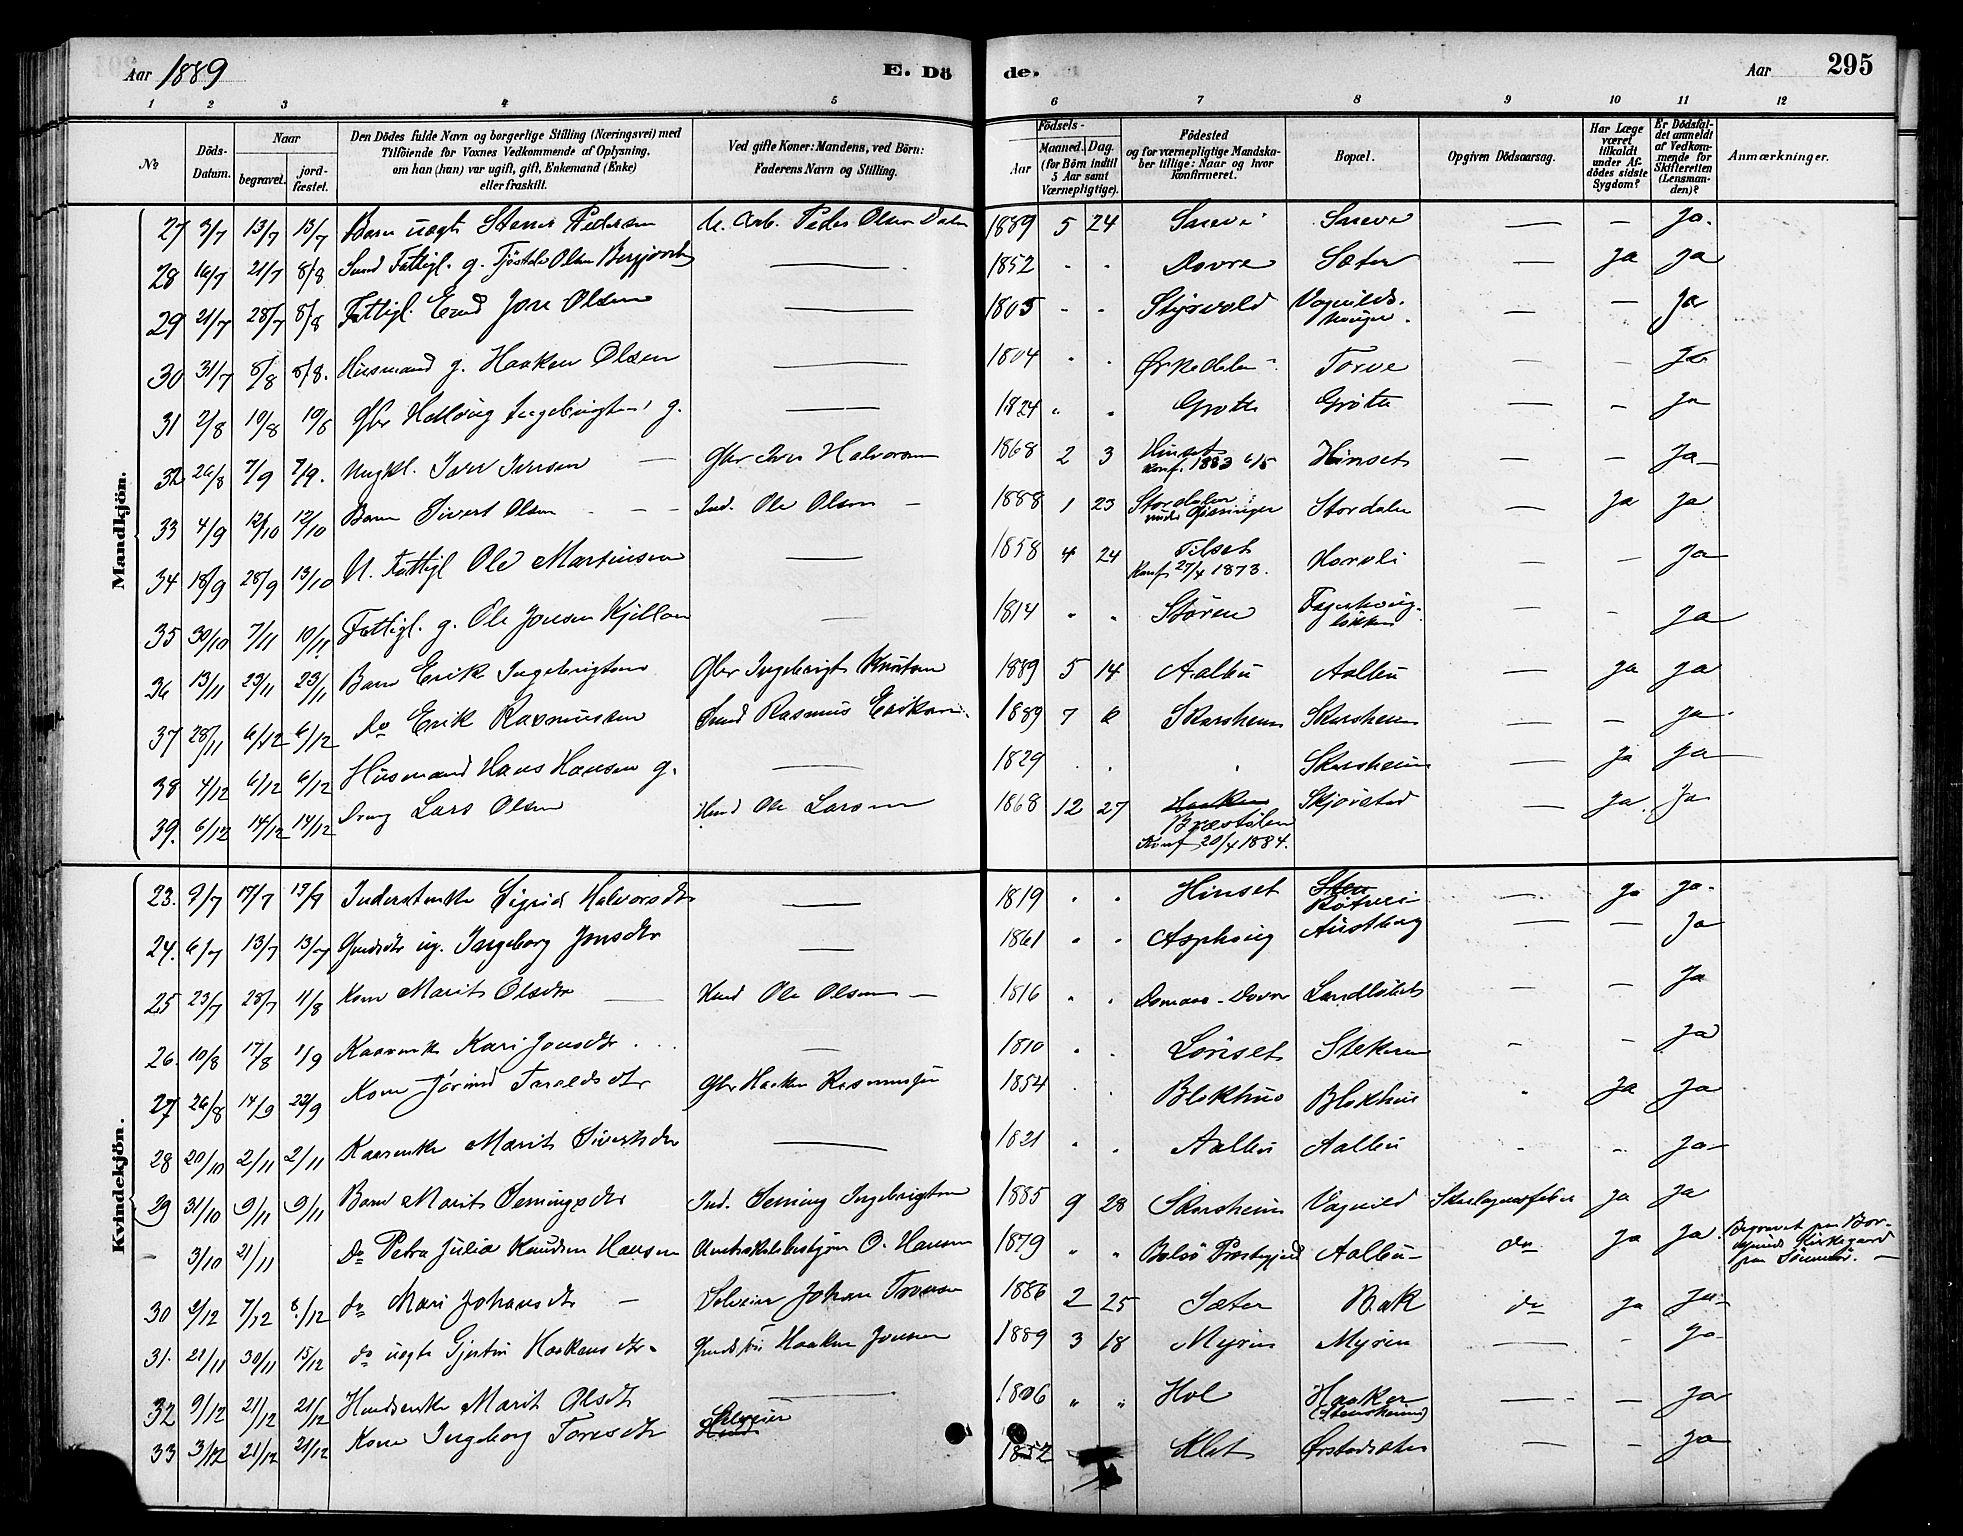 SAT, Ministerialprotokoller, klokkerbøker og fødselsregistre - Sør-Trøndelag, 678/L0901: Ministerialbok nr. 678A10, 1881-1894, s. 295